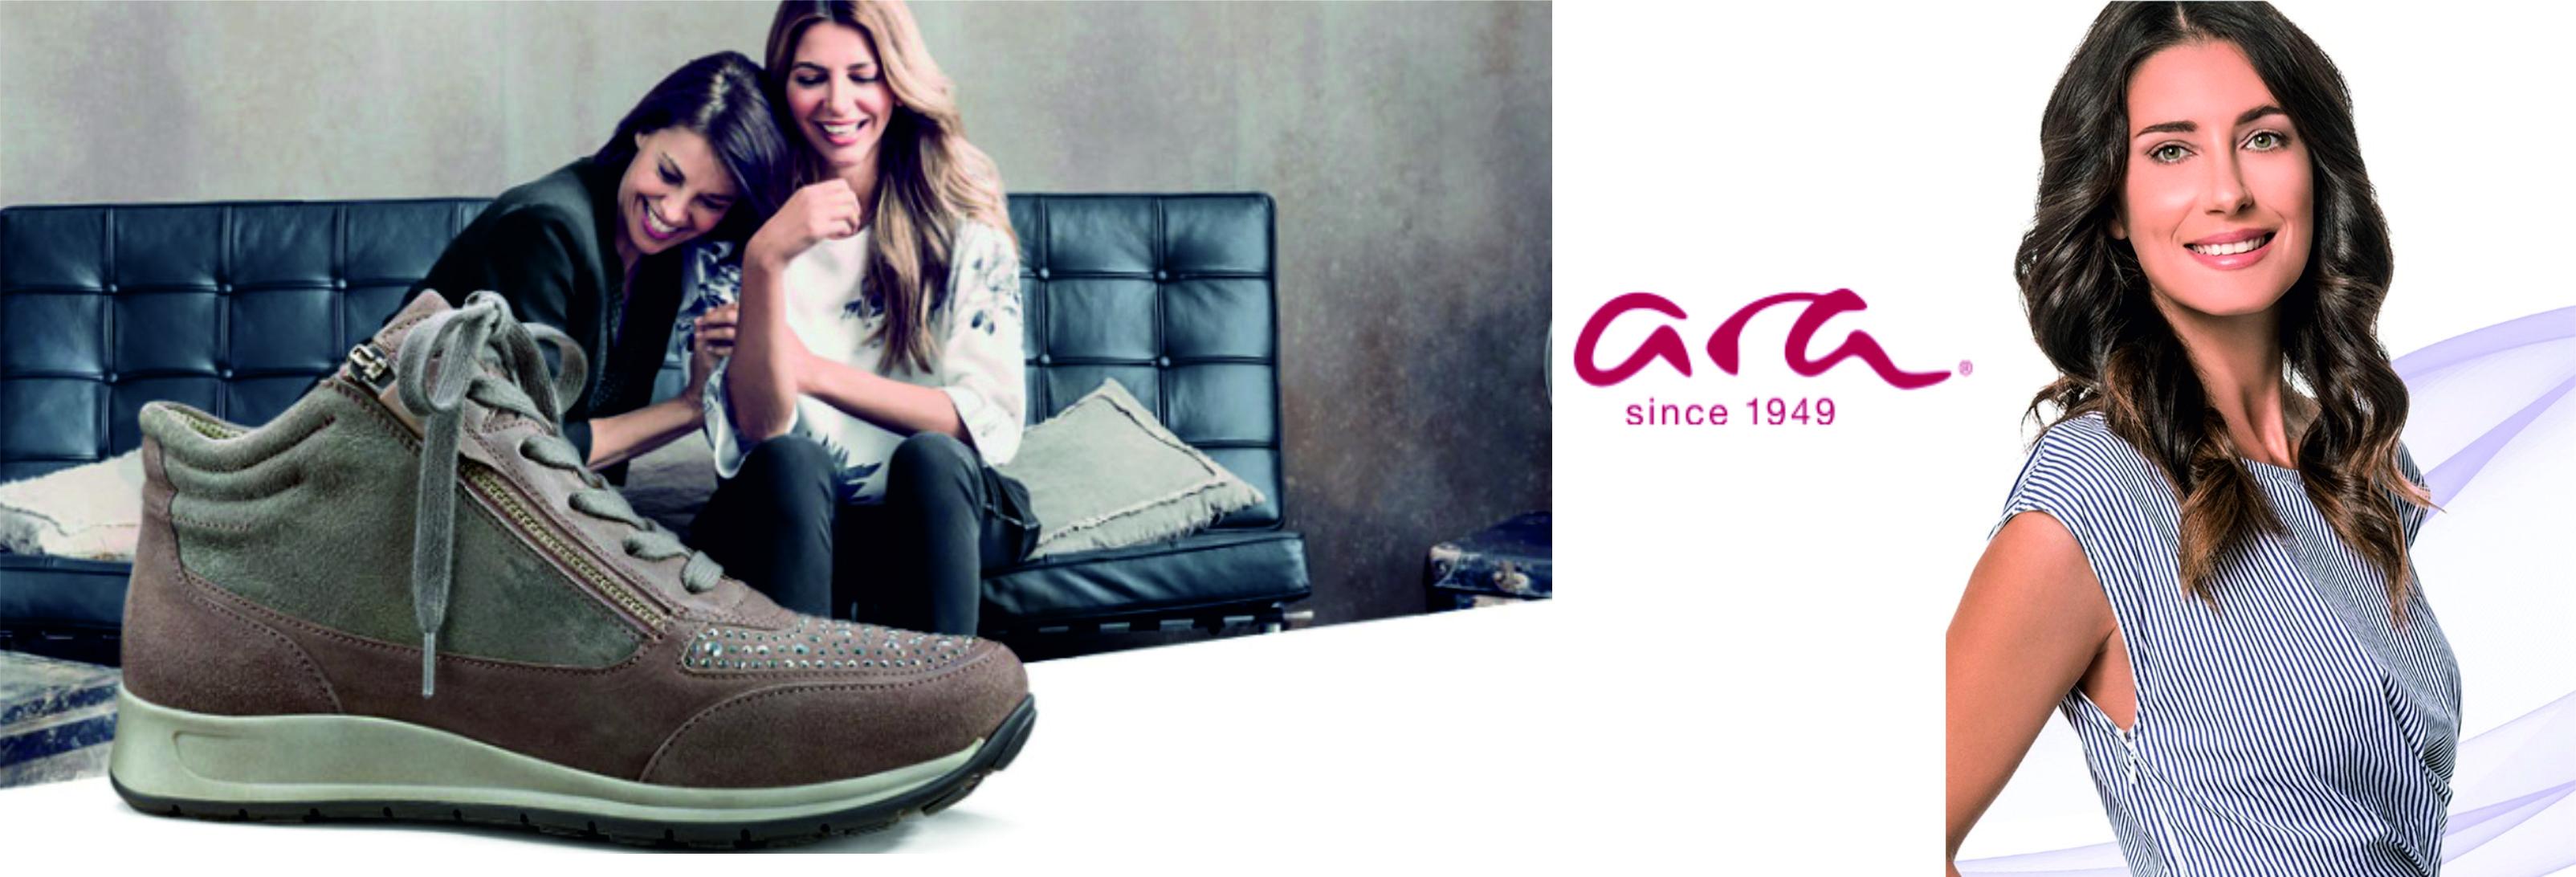 hot sale online 3471c b2644 Ara Schuhe Damen bei Schuhe24.de - Riesige Auswahl, günstig ...